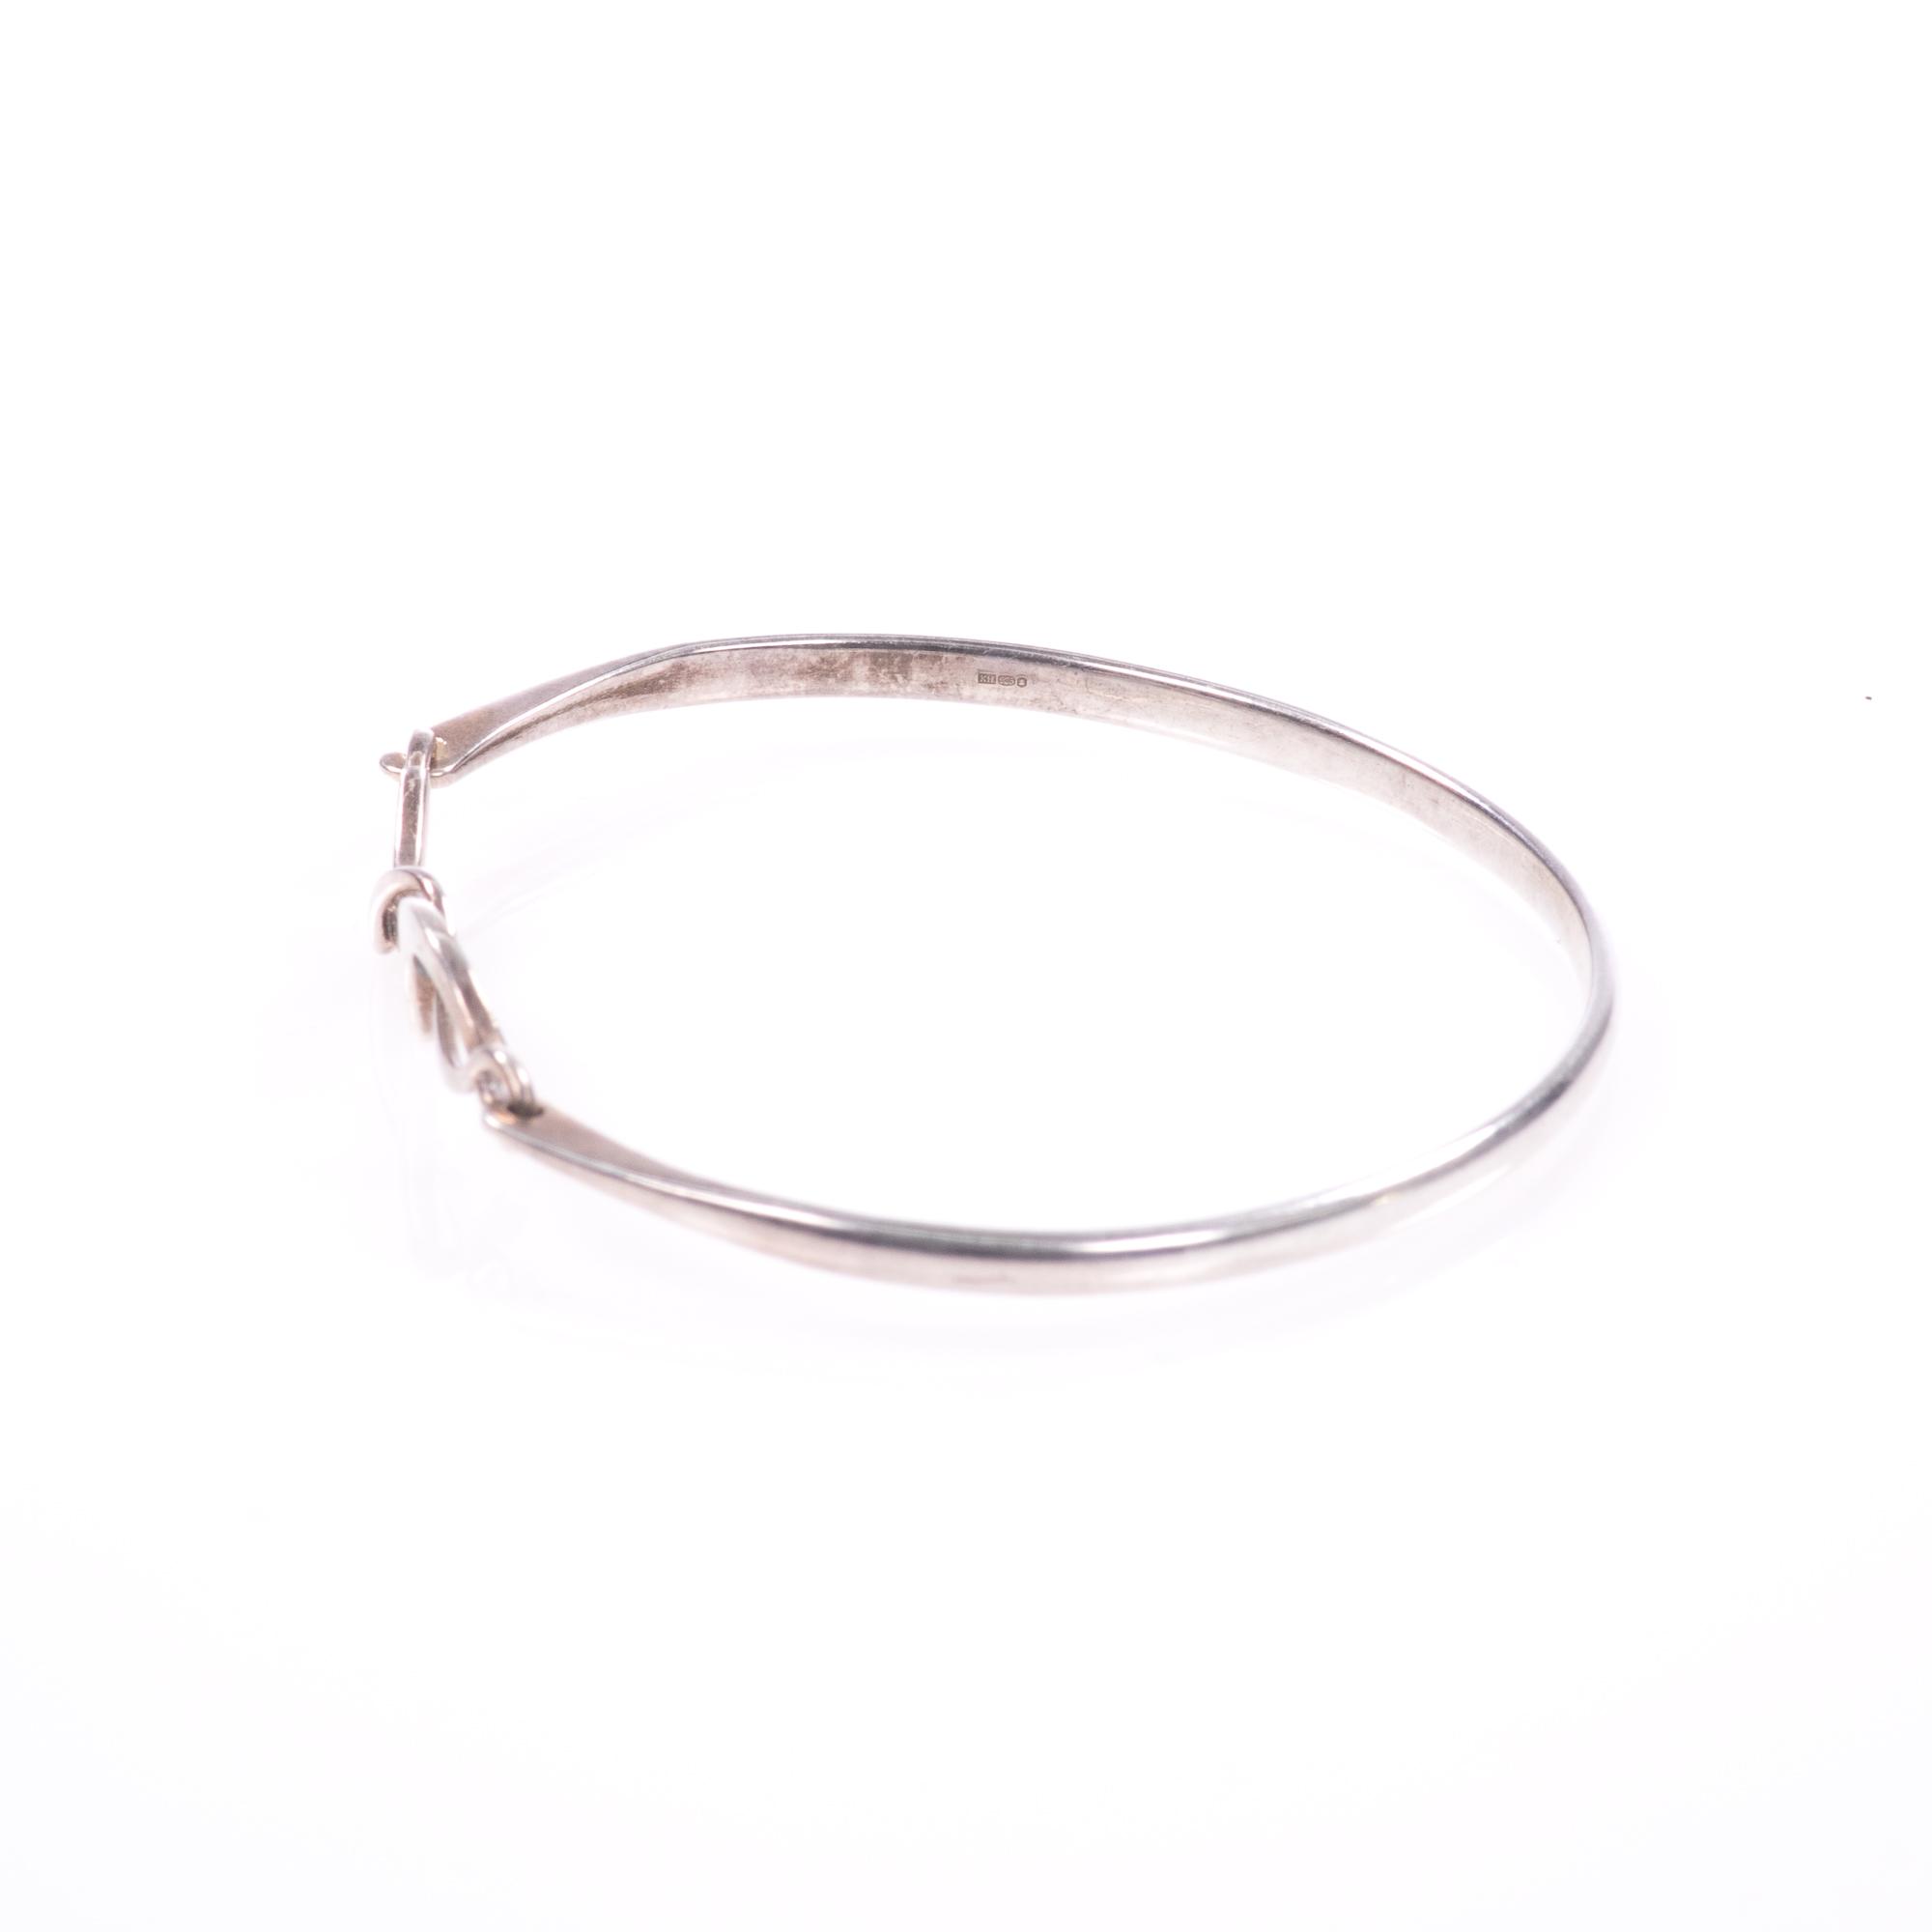 Silver Abstarct Modernist Bangle Bracelet - Image 4 of 9